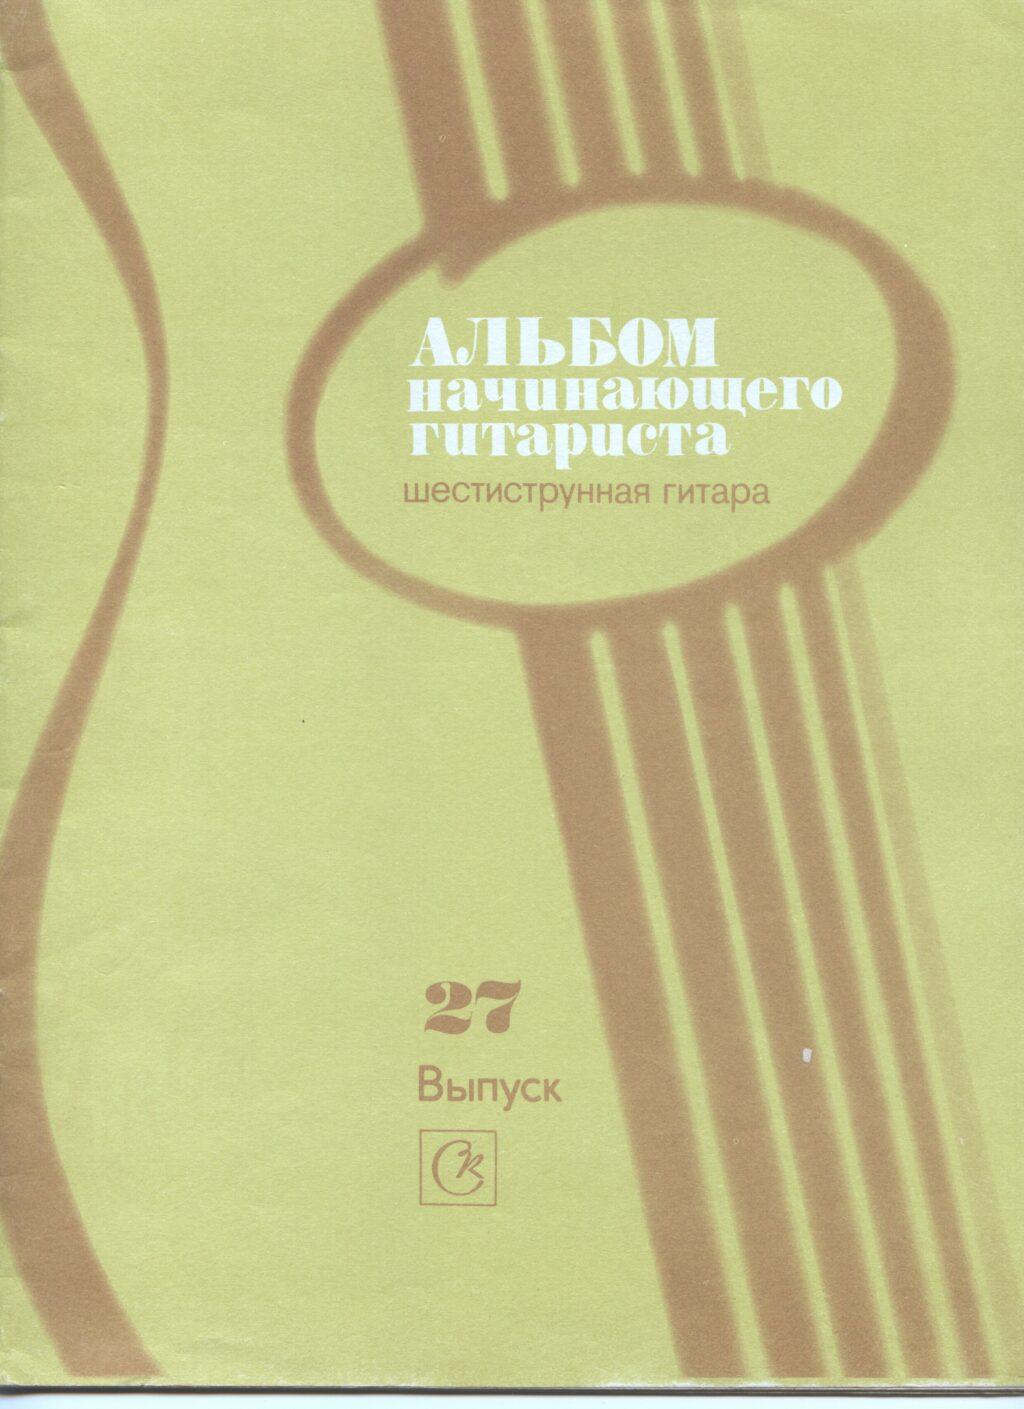 Альбом начинающего гитариста. Шестиструнная гитара. Выпуск 27.